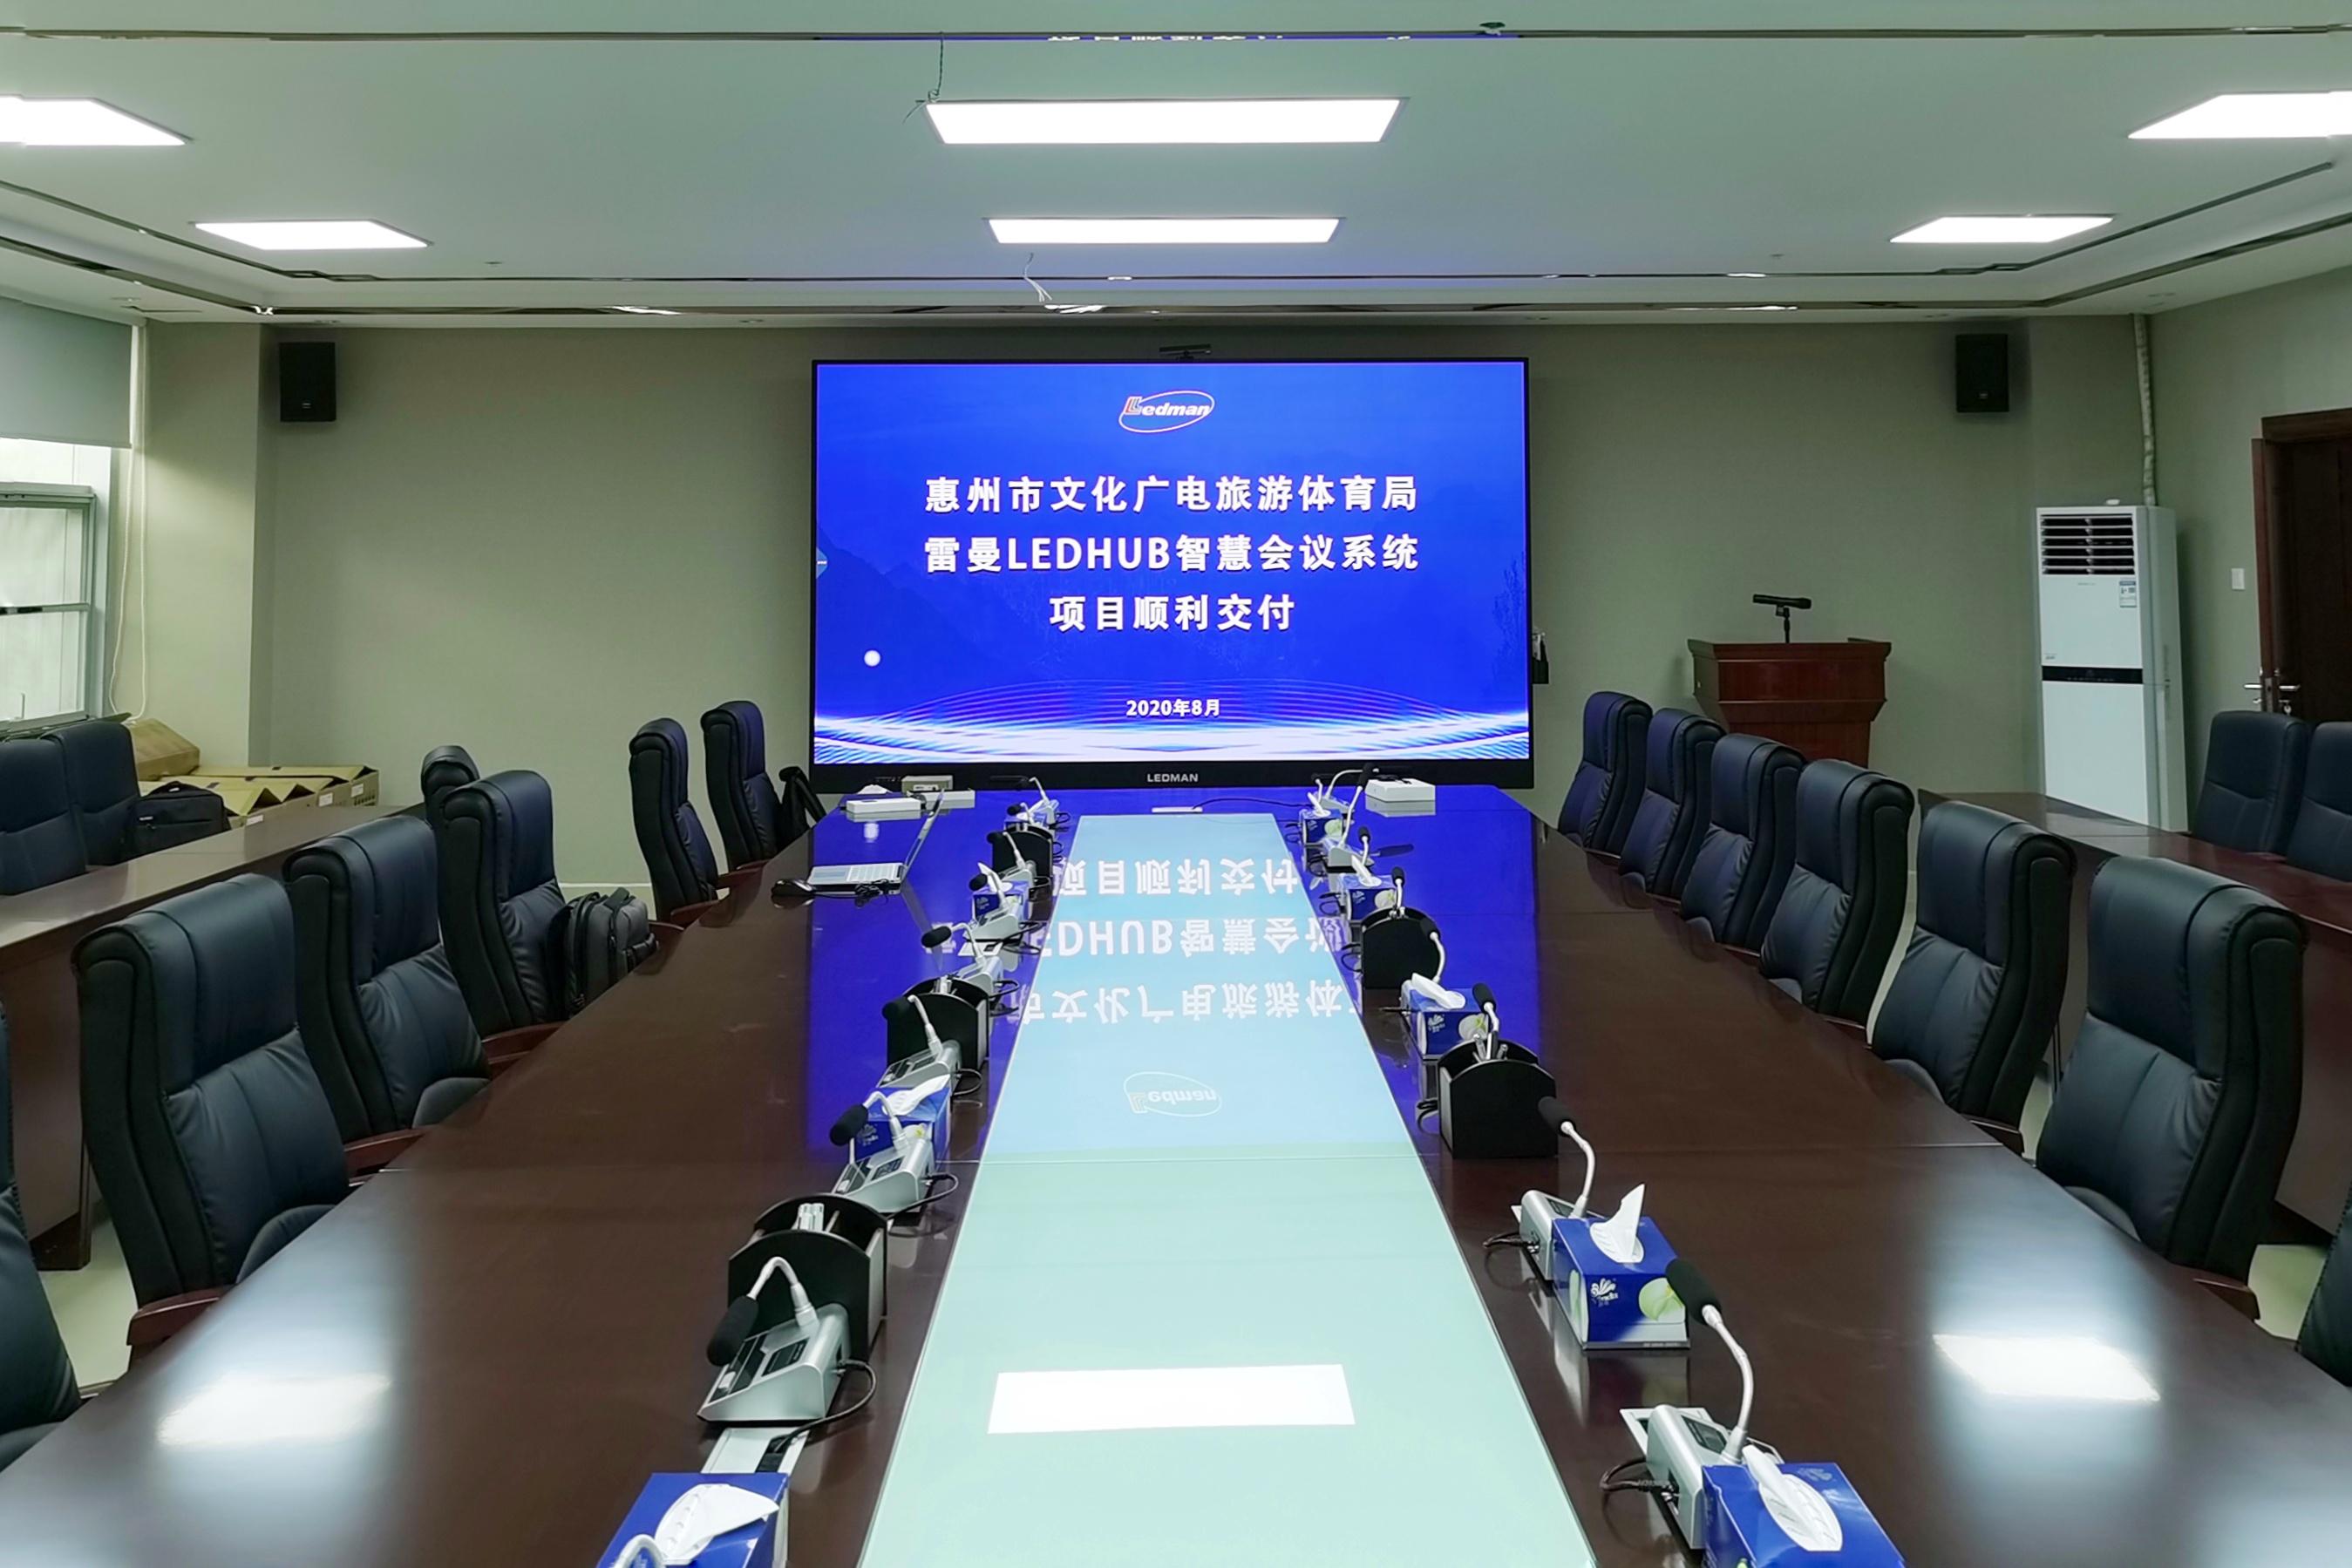 惠州市文化广电旅游体育局雷曼LEDHUB智慧会议系统